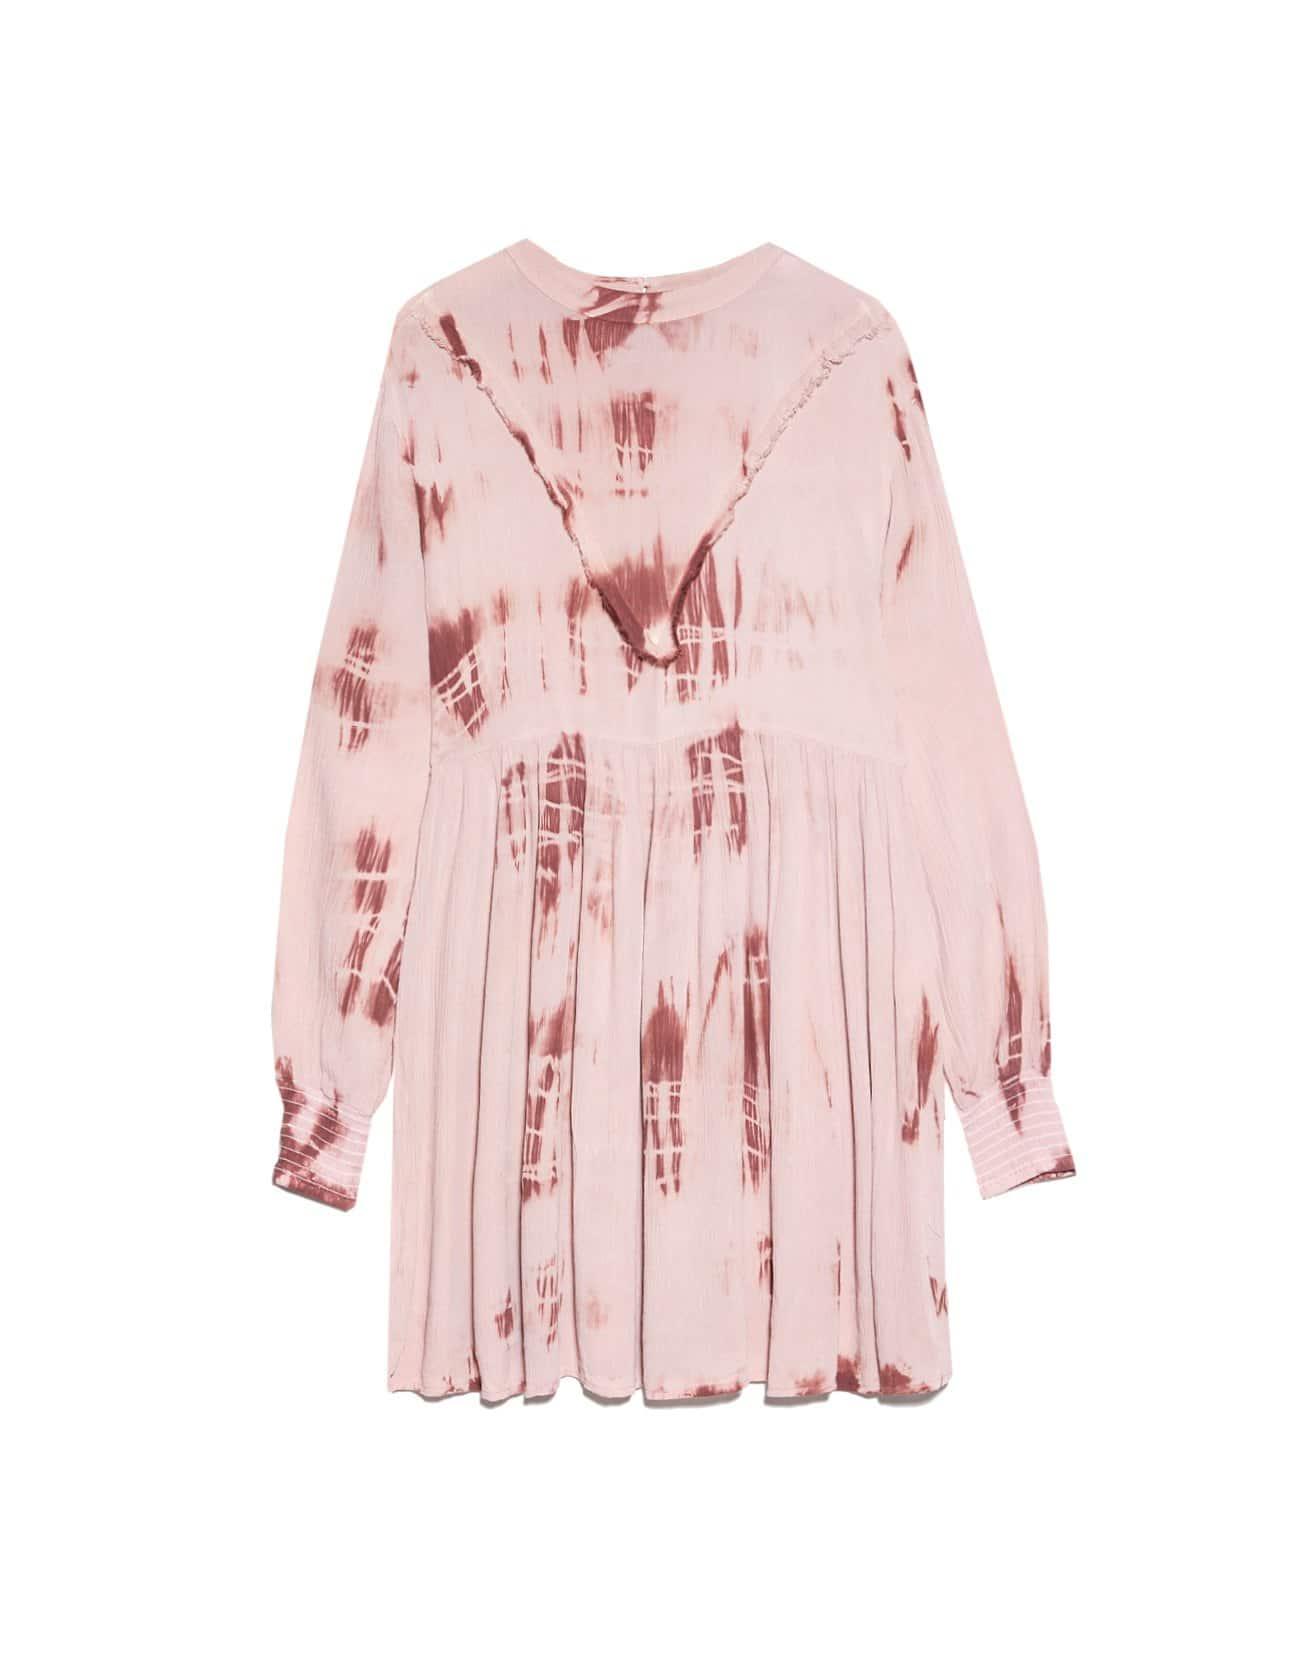 Vestido rosa con tie-dye discreto para lucir en diferentes ocasiones.